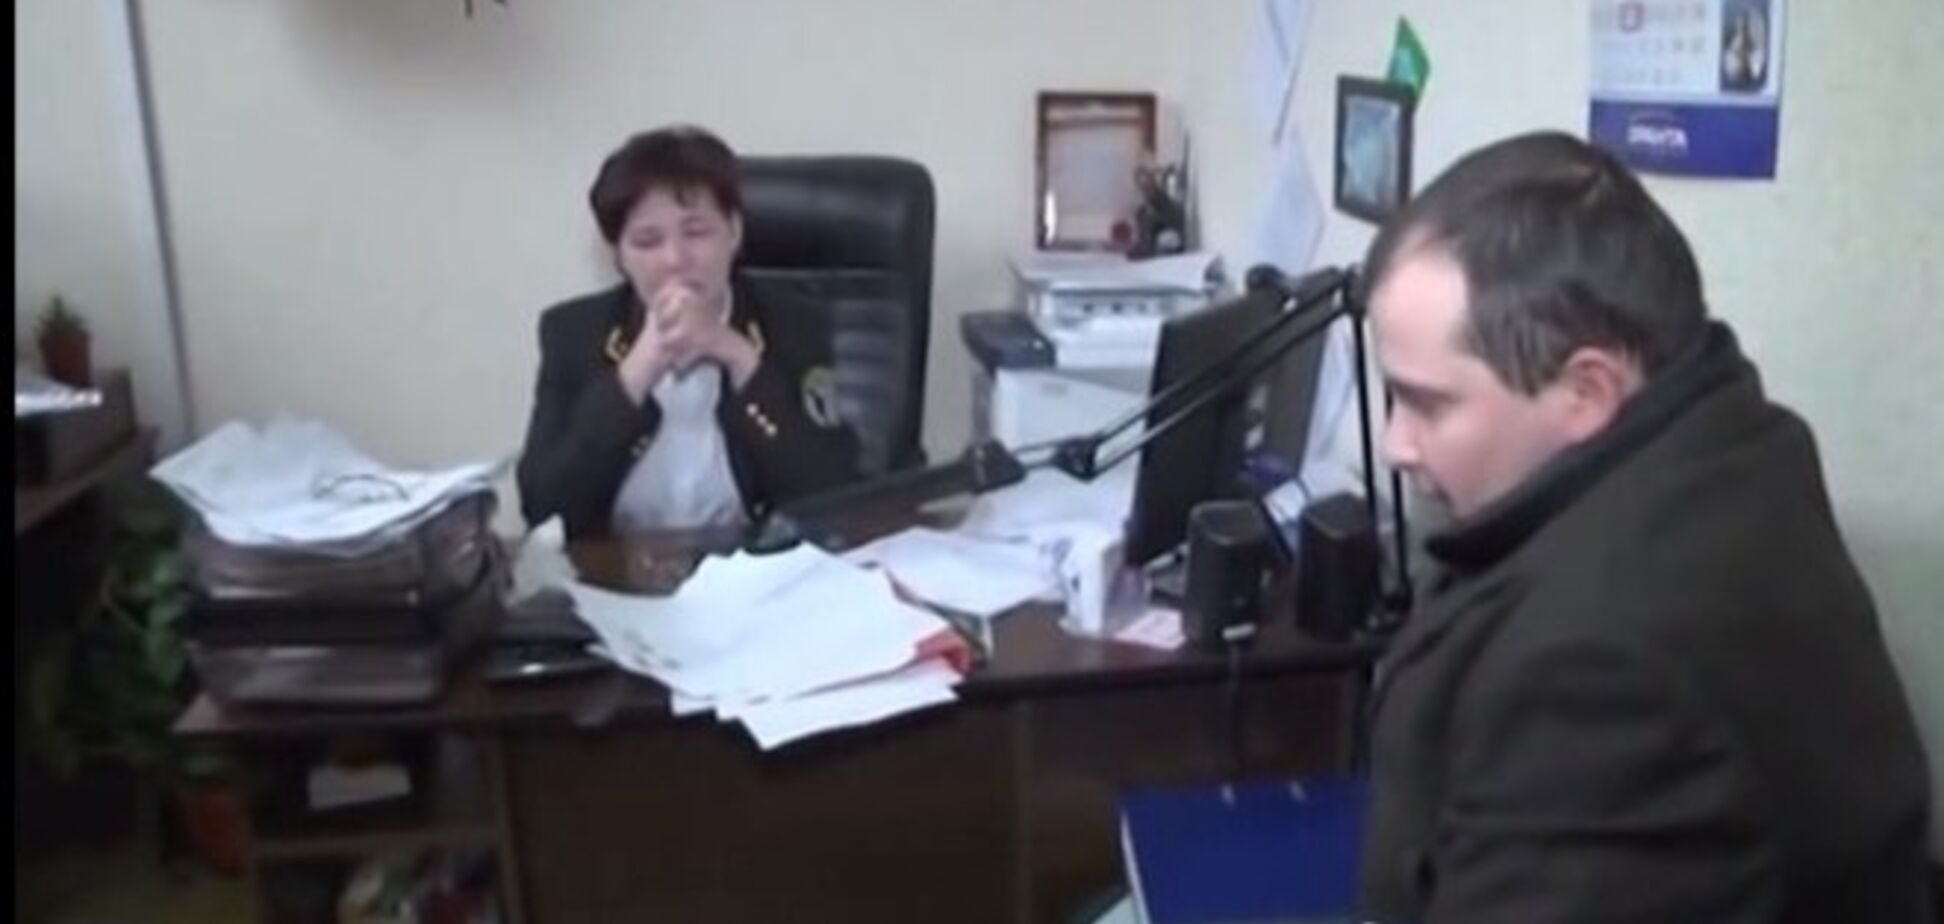 Минюст выгнал проштрафившуюся чиновницу: застали пьяной на работе